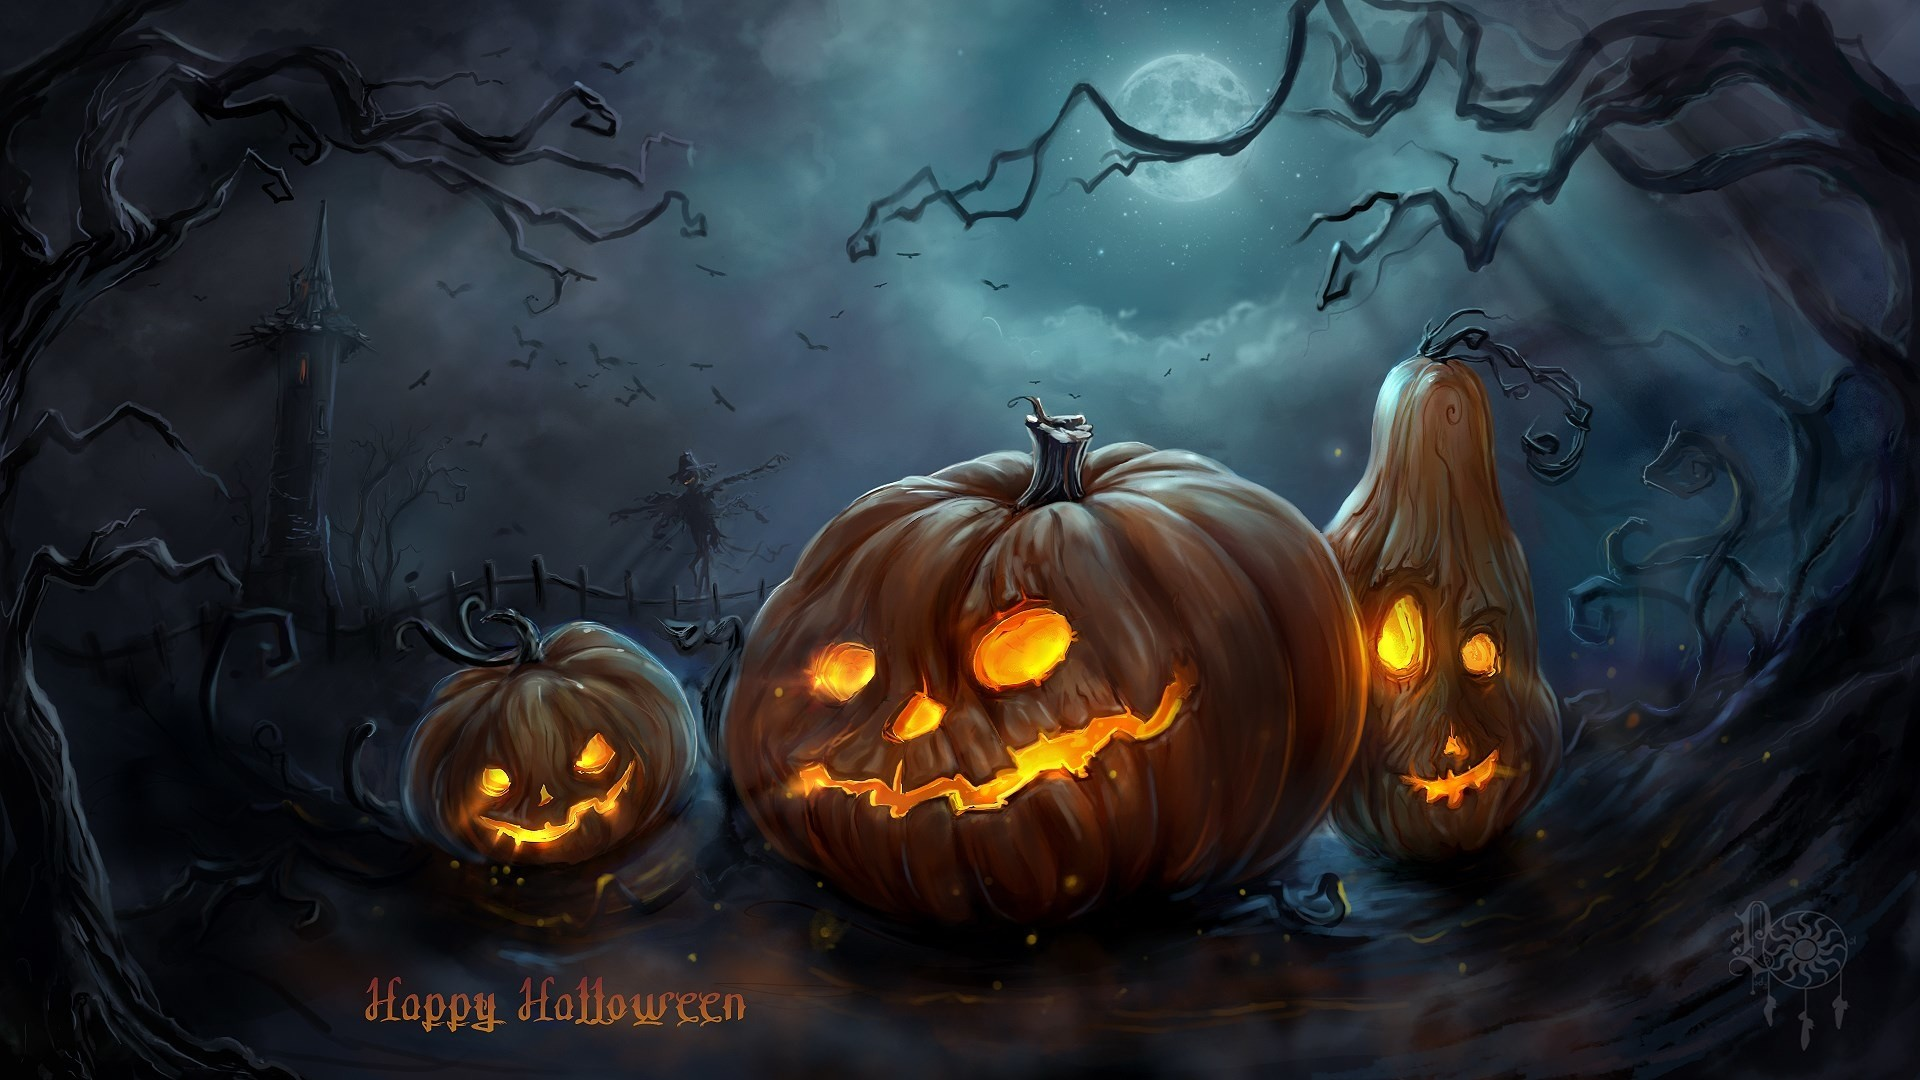 … Happy Halloween Wallpaper For Computer …